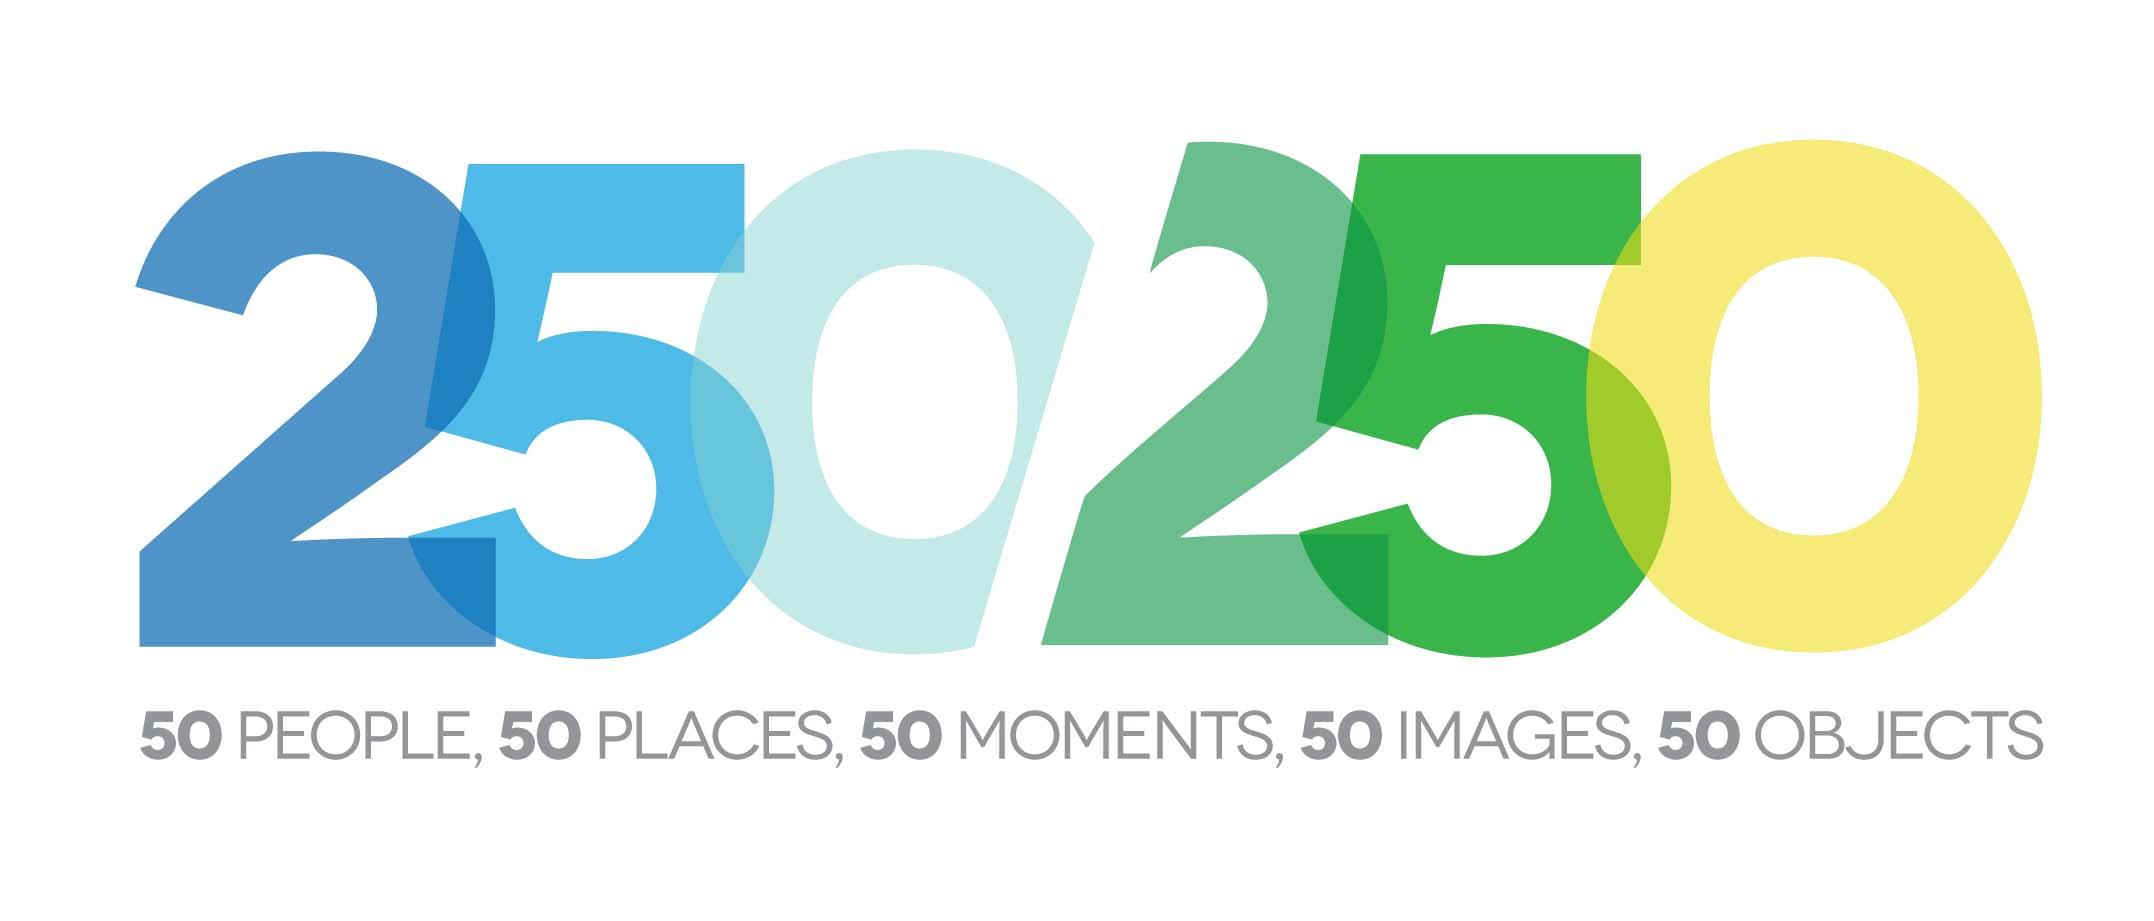 250 in 250 logo